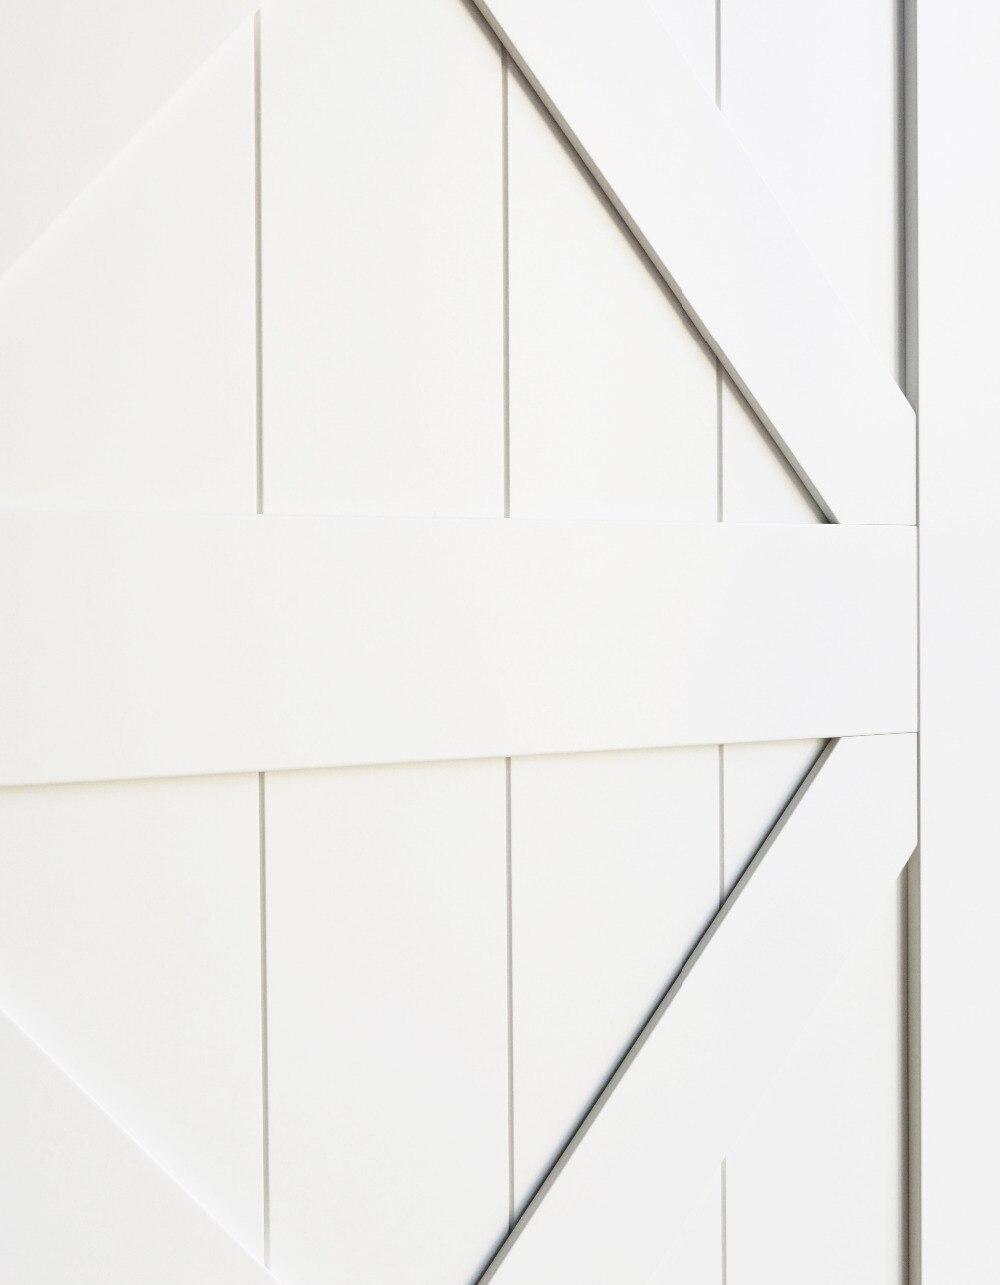 DIYHD Double X forme blanc grange porte dalle MDF solide noyau apprêté intérieur panneau de porte (démonté) - 2